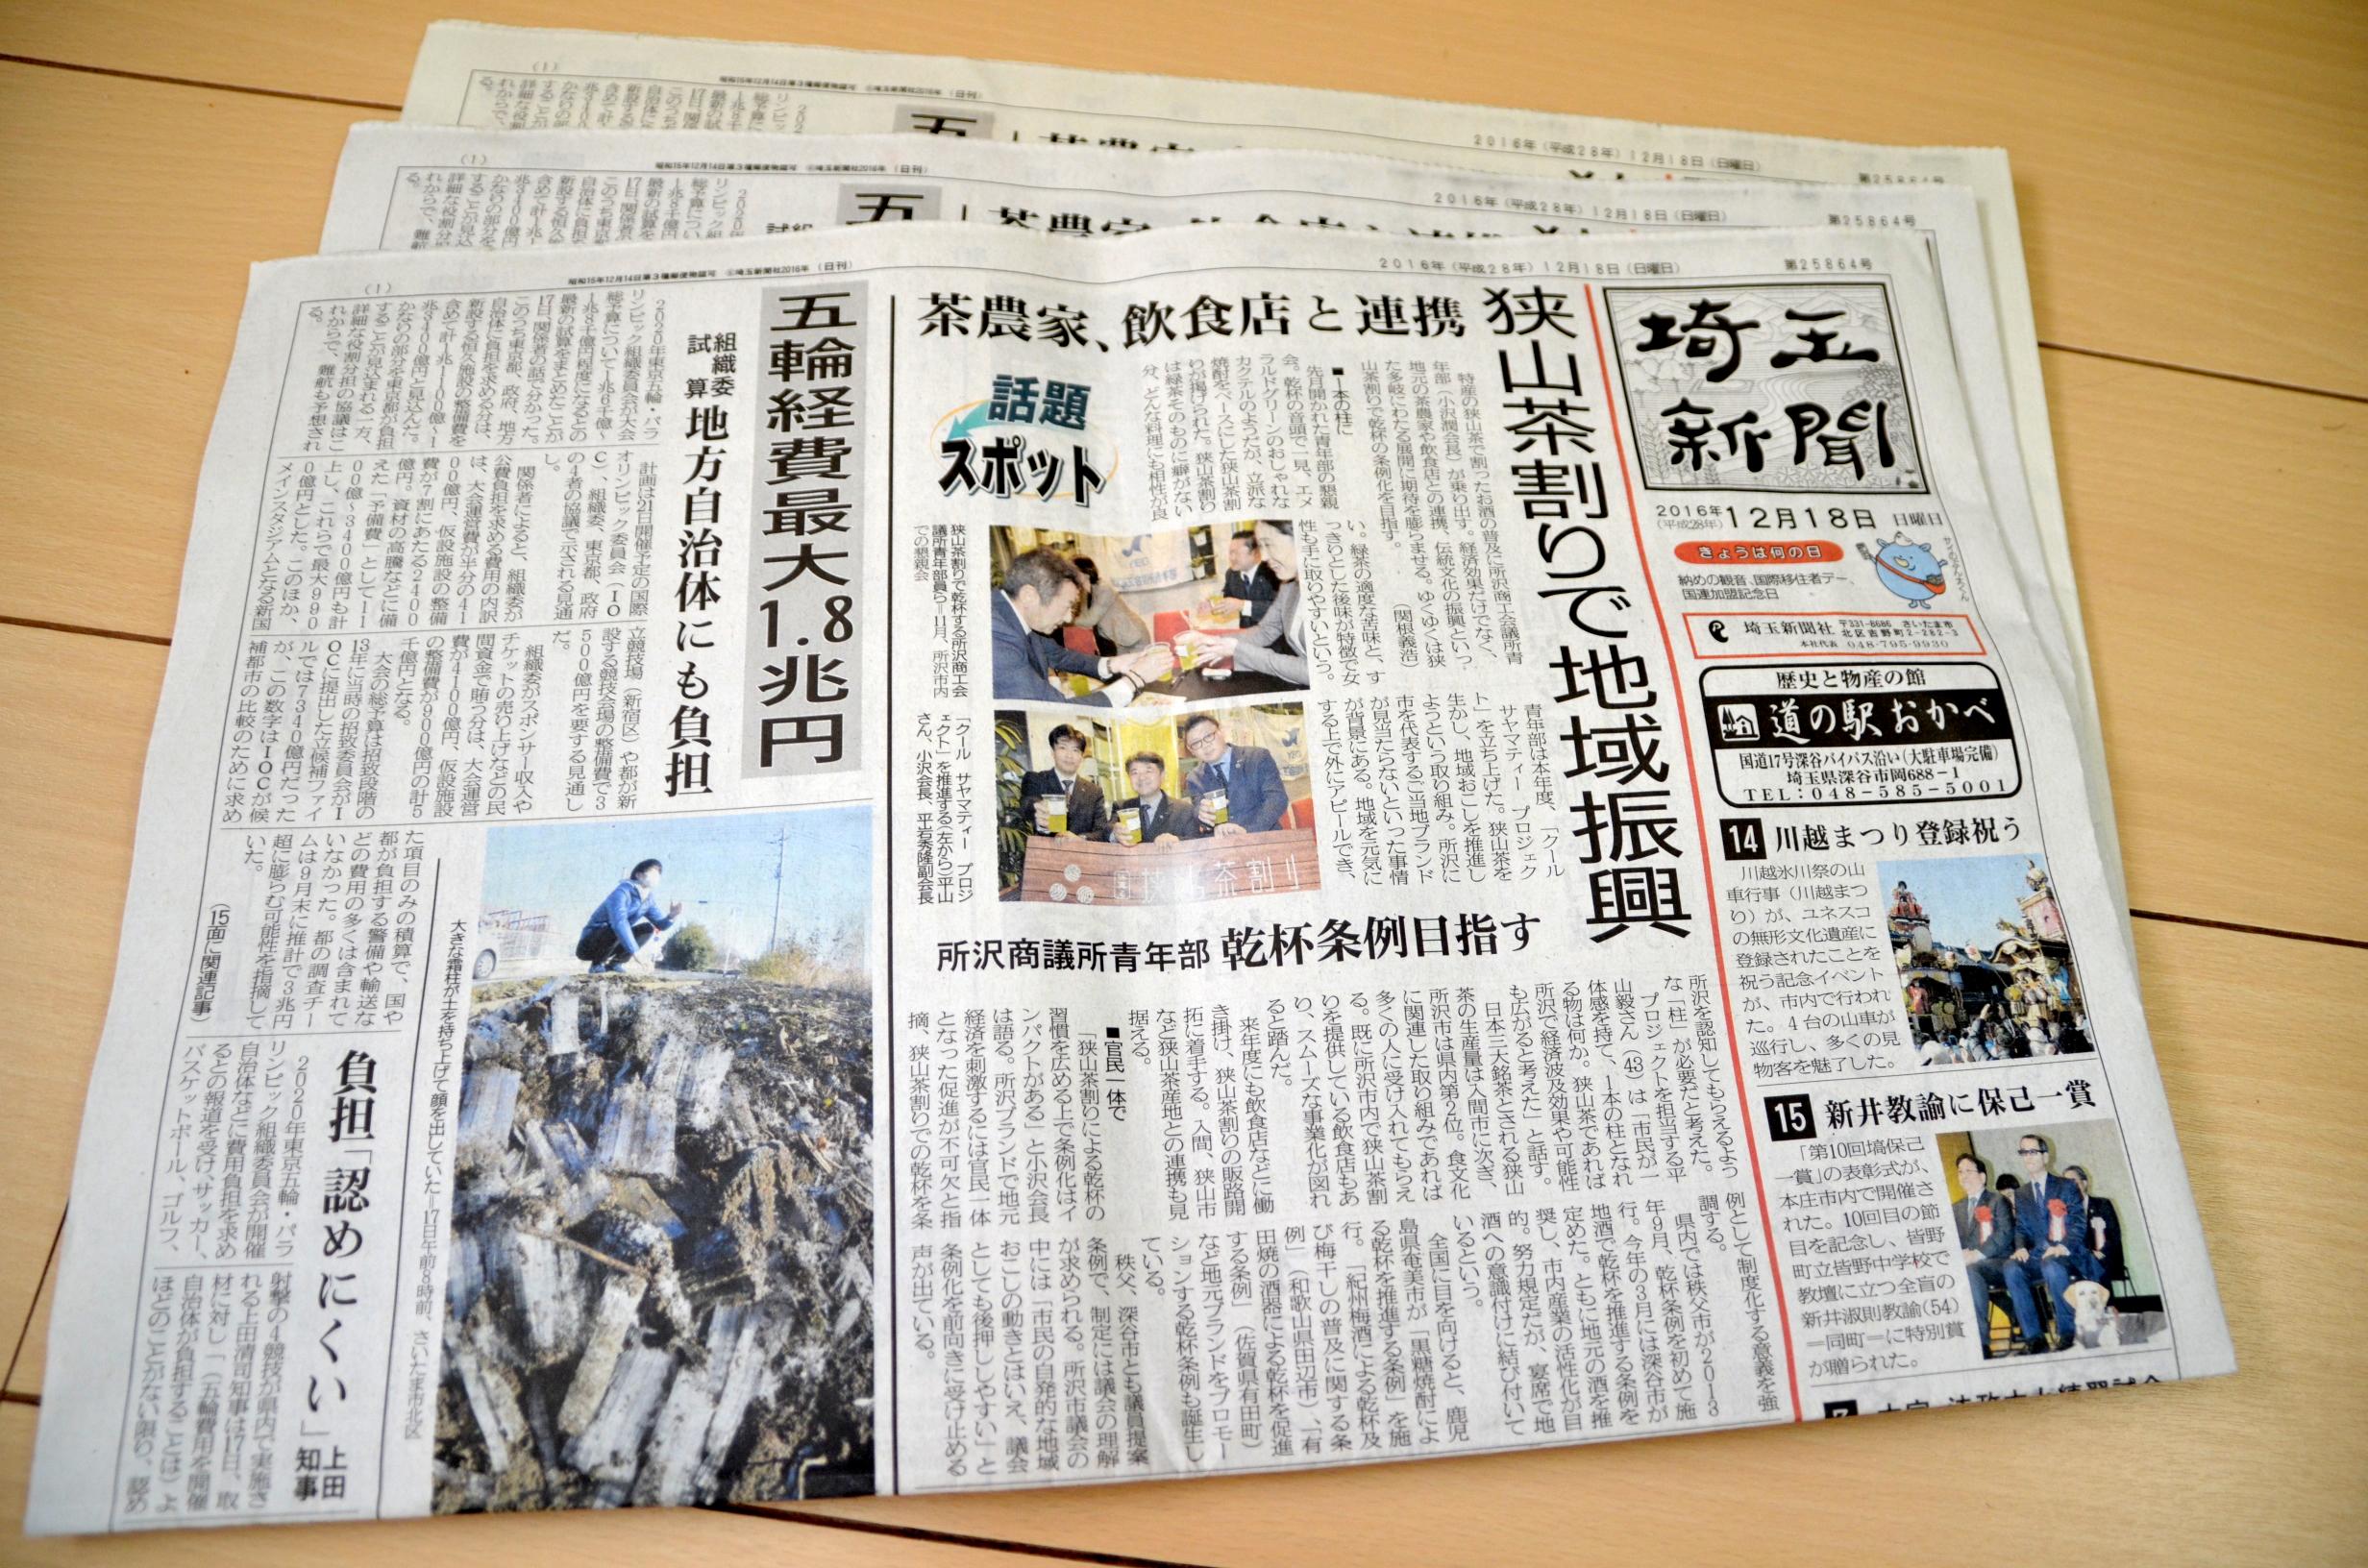 12月18日 埼玉新聞 朝刊